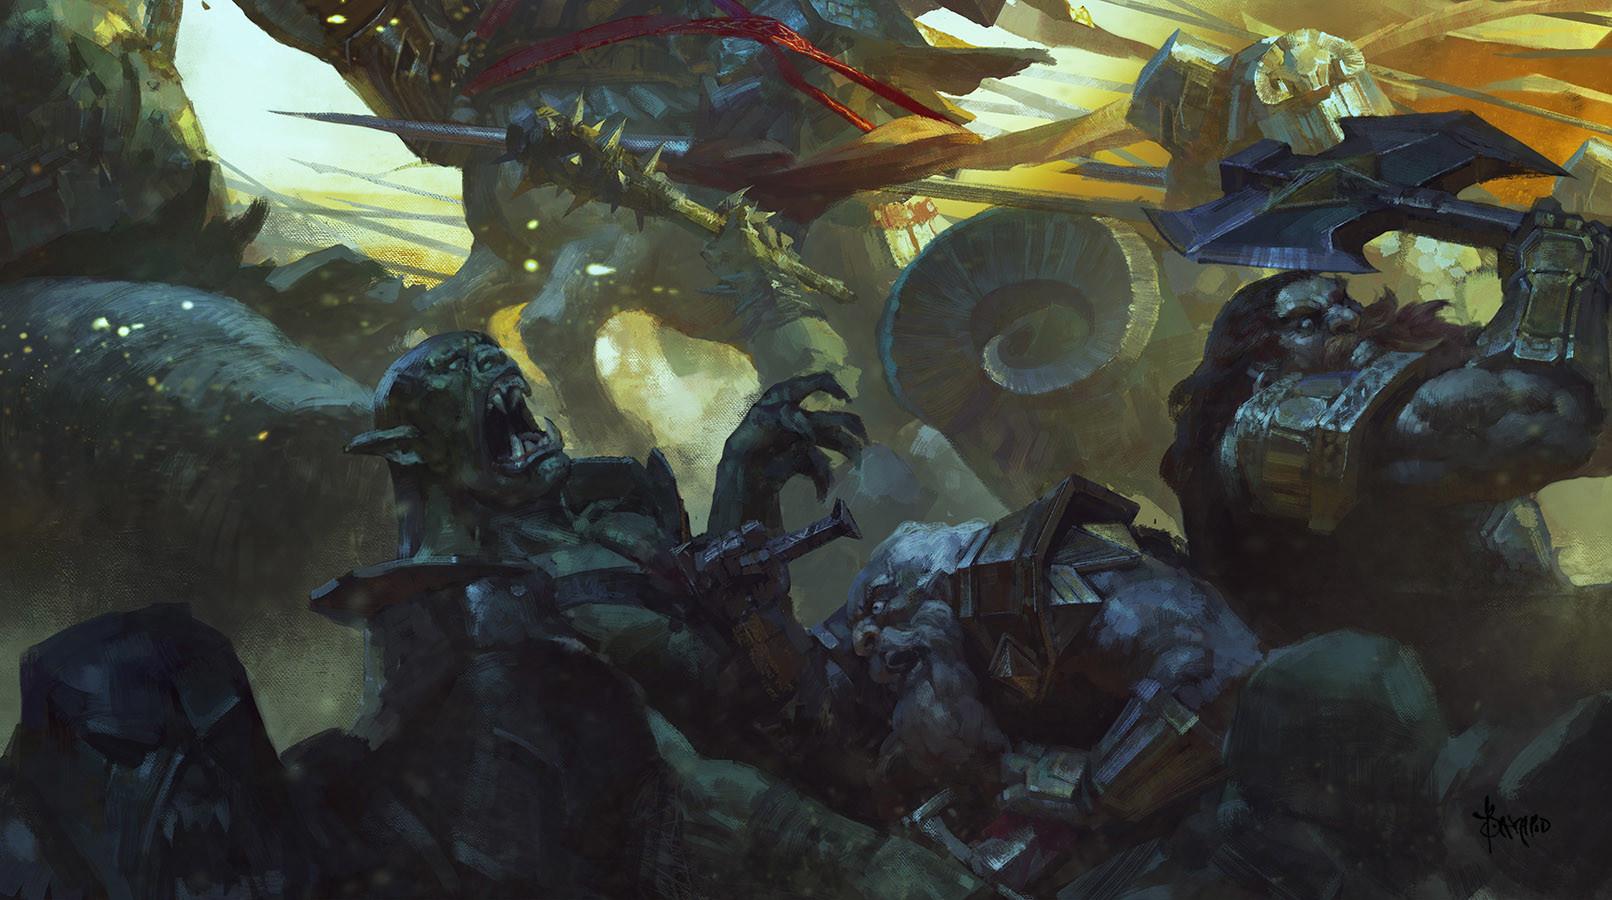 Bayard wu ms hammer ram legion 2